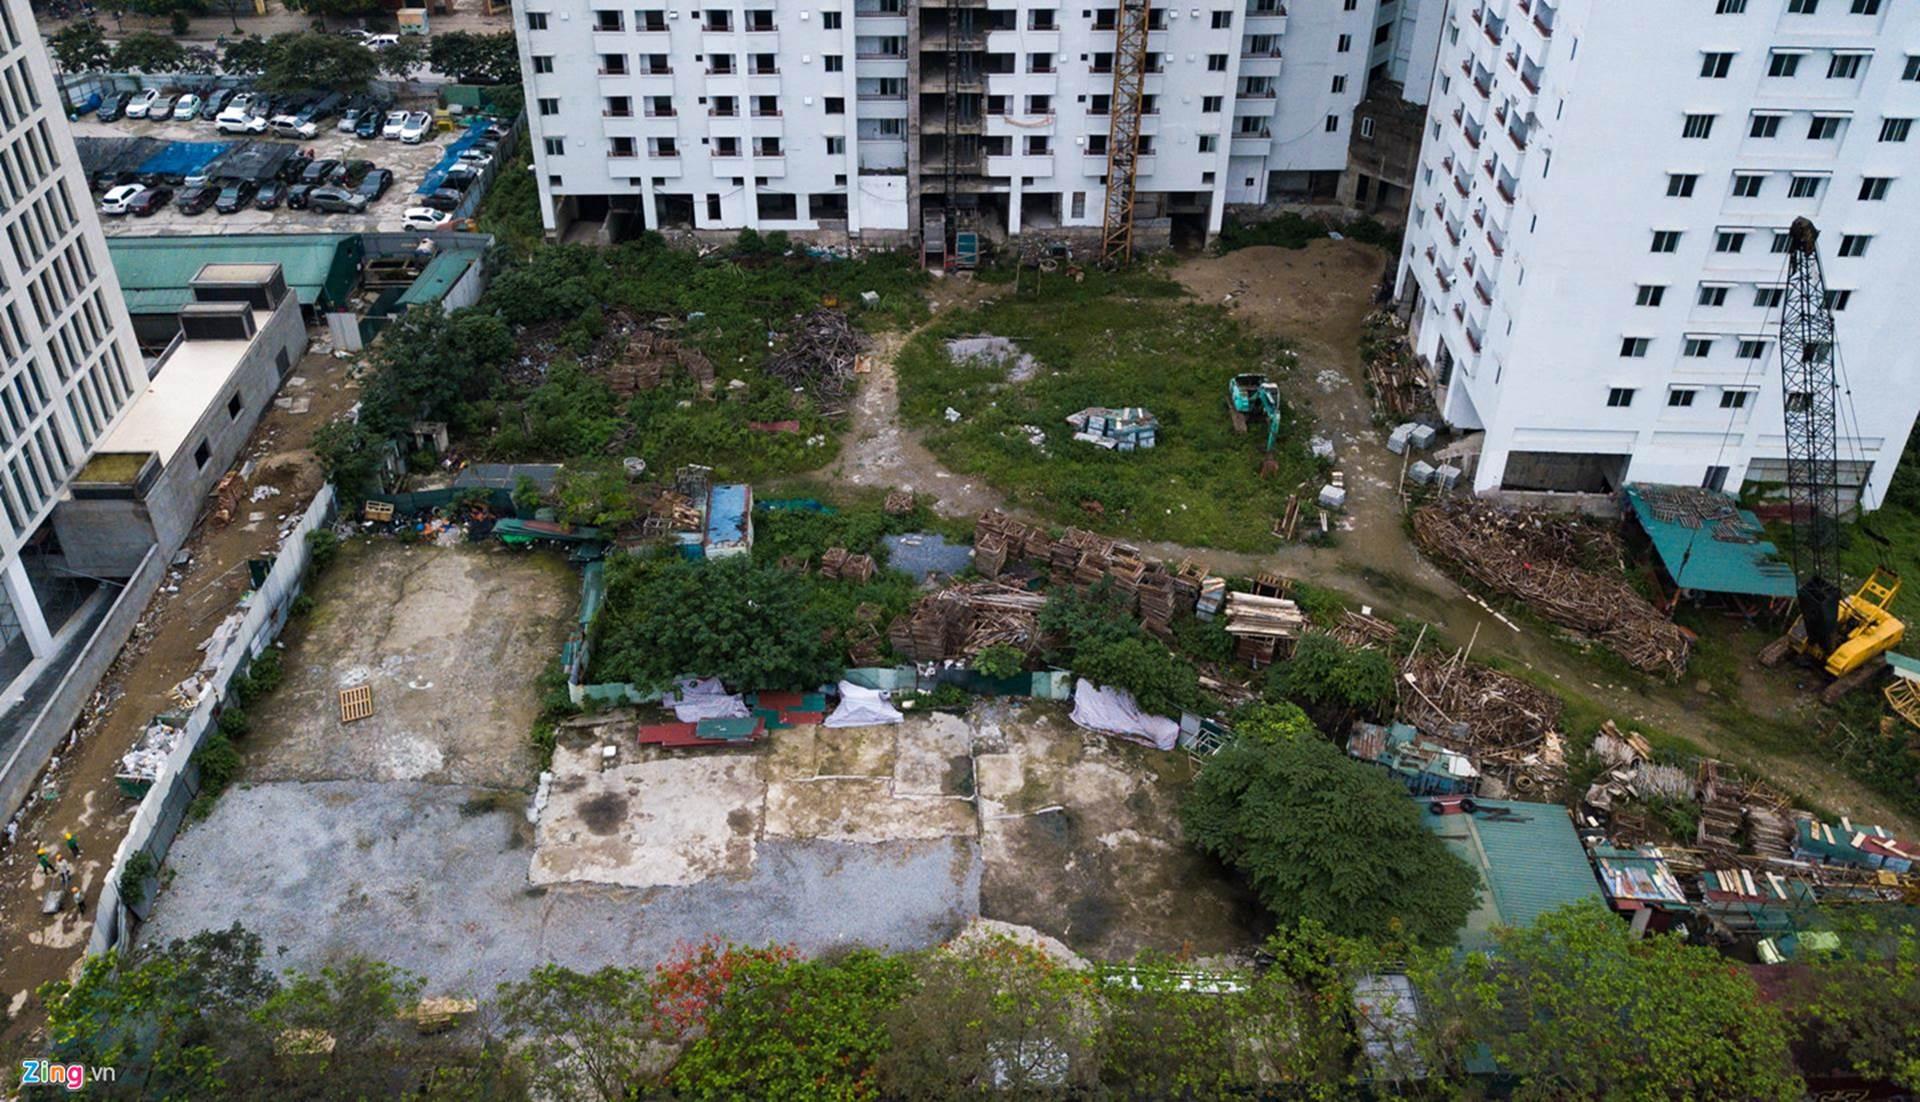 Chung cư bỏ hoang 9 năm ở đất vàng Hà Nội-10